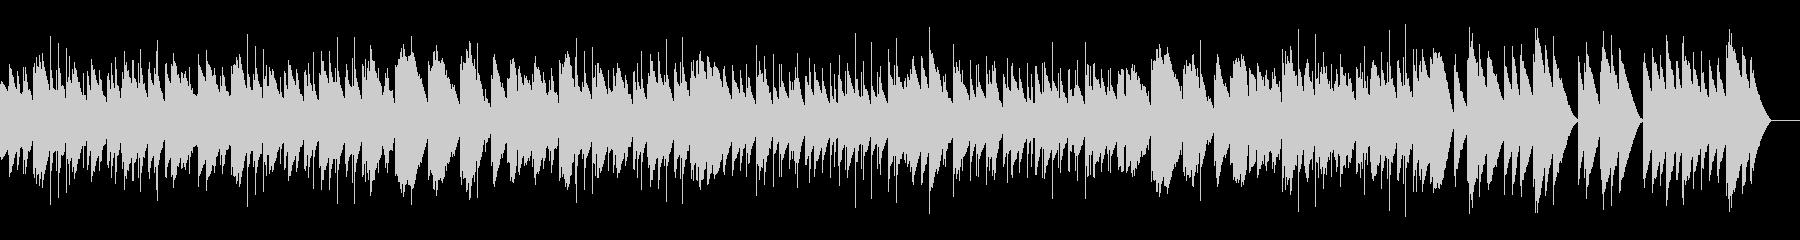 アイーダ 凱旋行進曲 (オルゴール)の未再生の波形